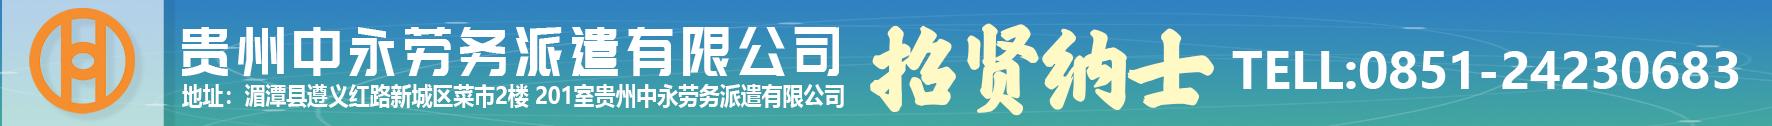 贵州中永劳务派遣有限公司